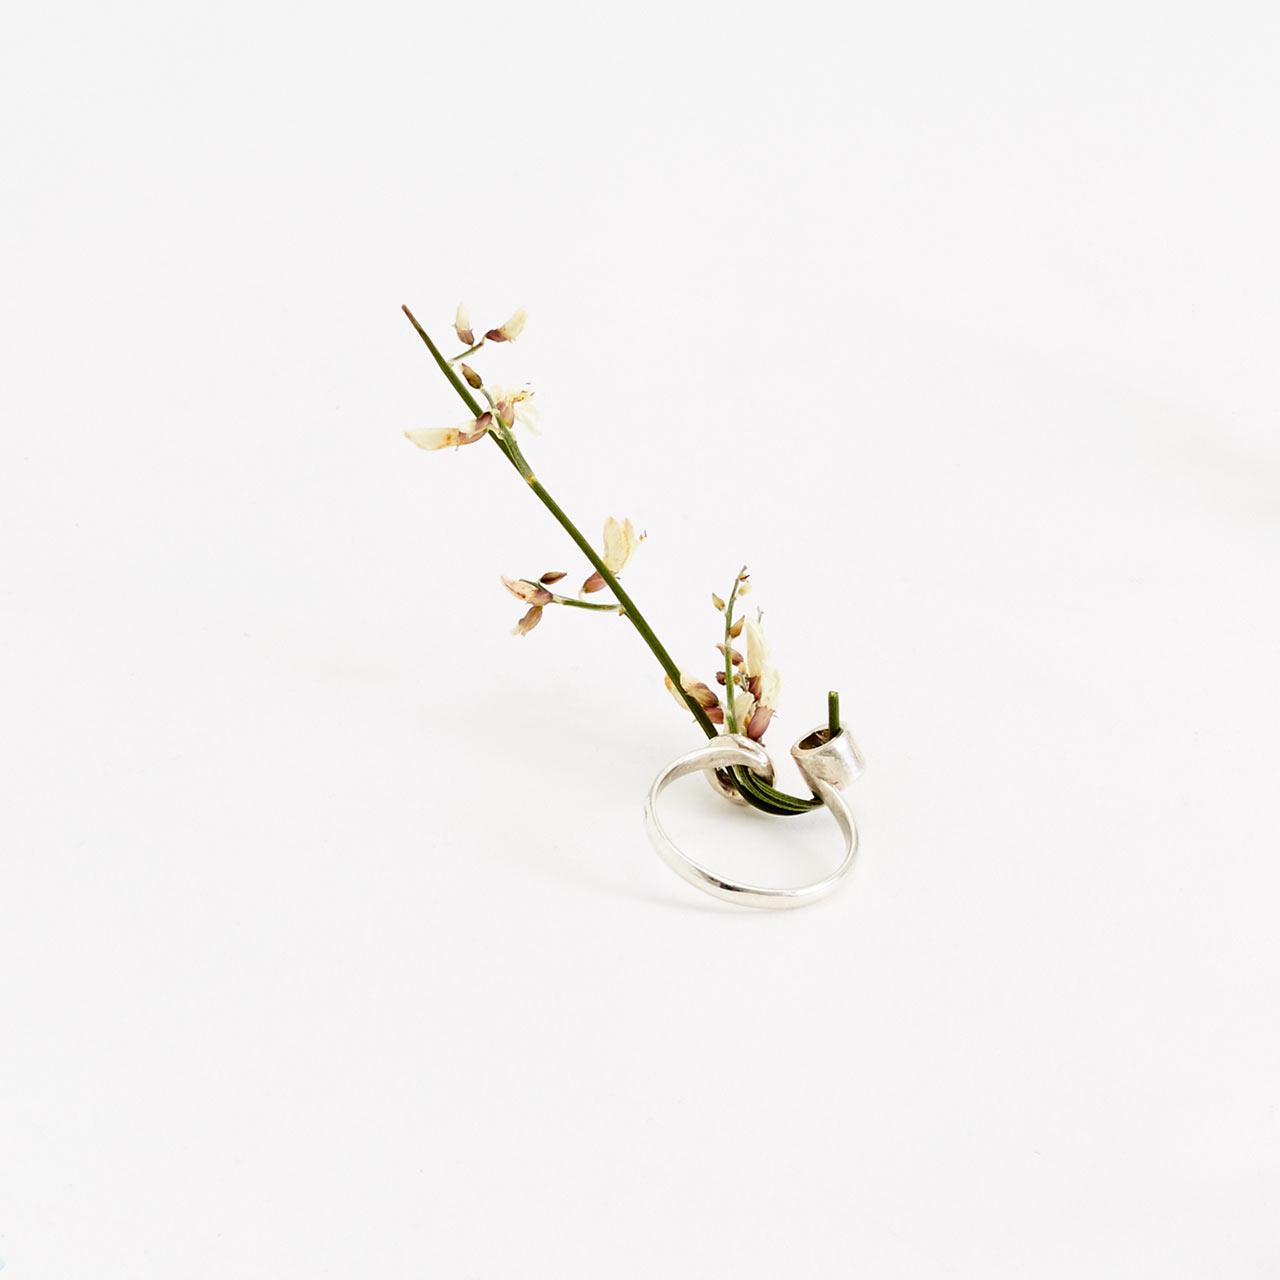 ikebana-ring-areaware-gahee-kang-7.jpg